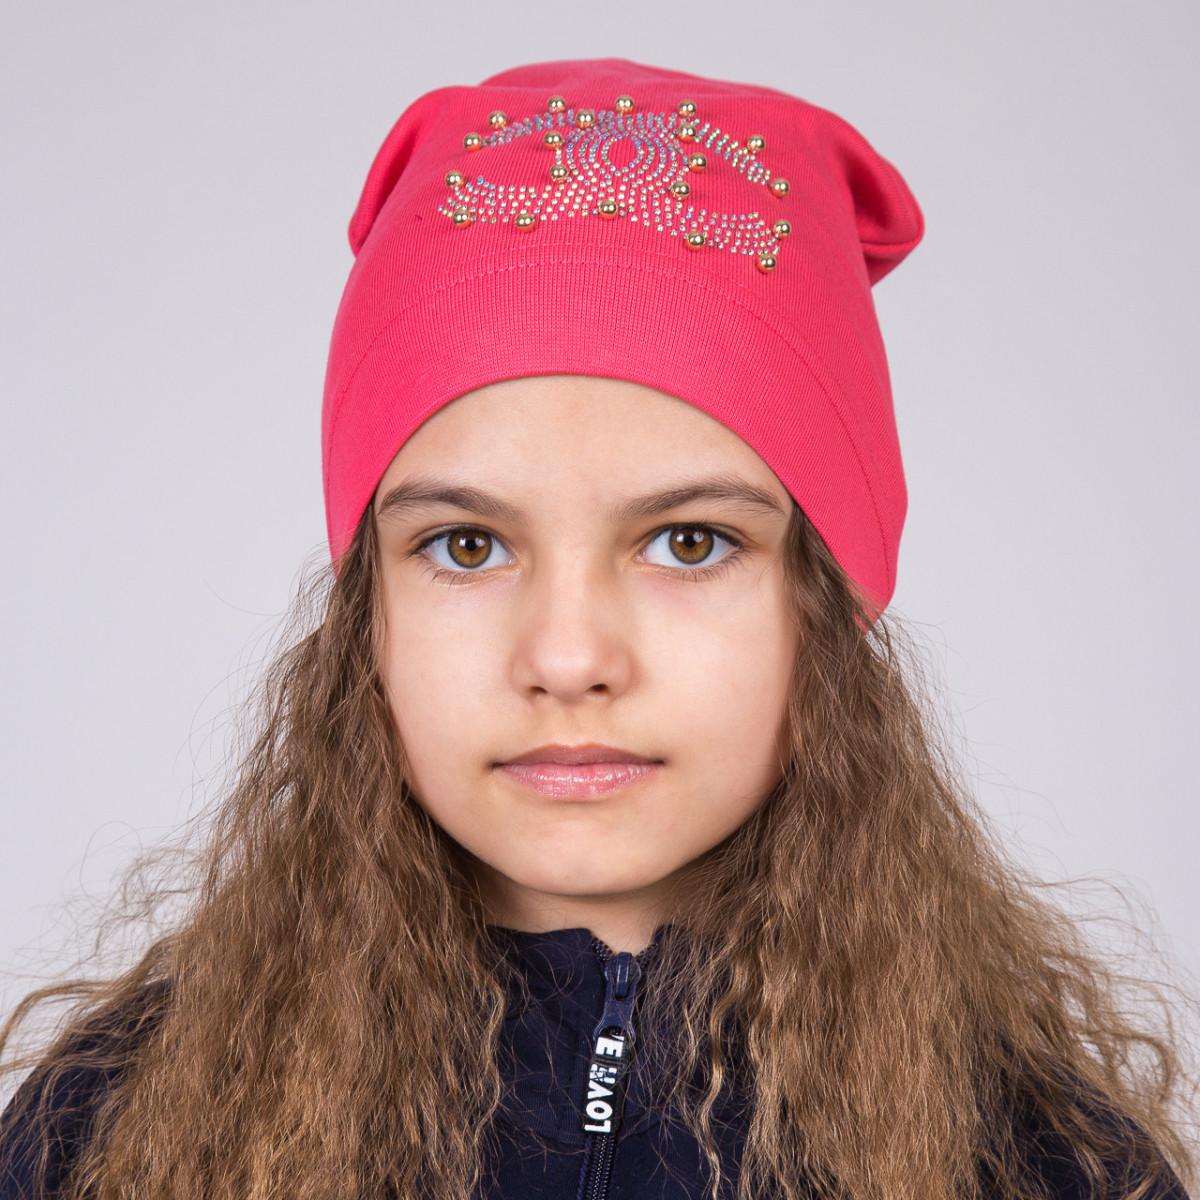 Шапка Шанель для девочек на весна 2018 - Артикул 2008